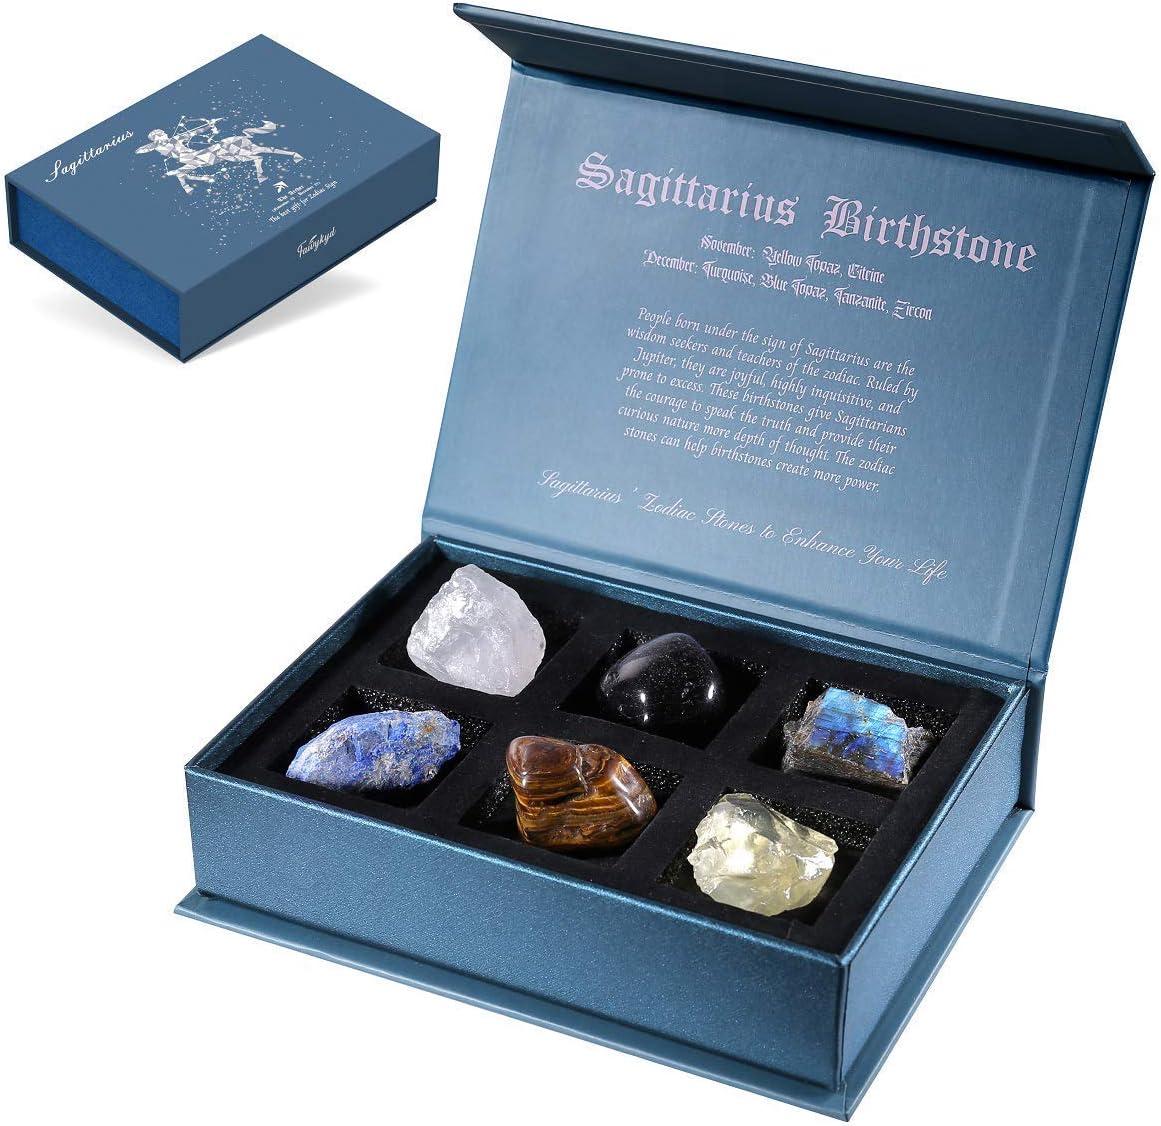 Crystal Box For a Sagittarius